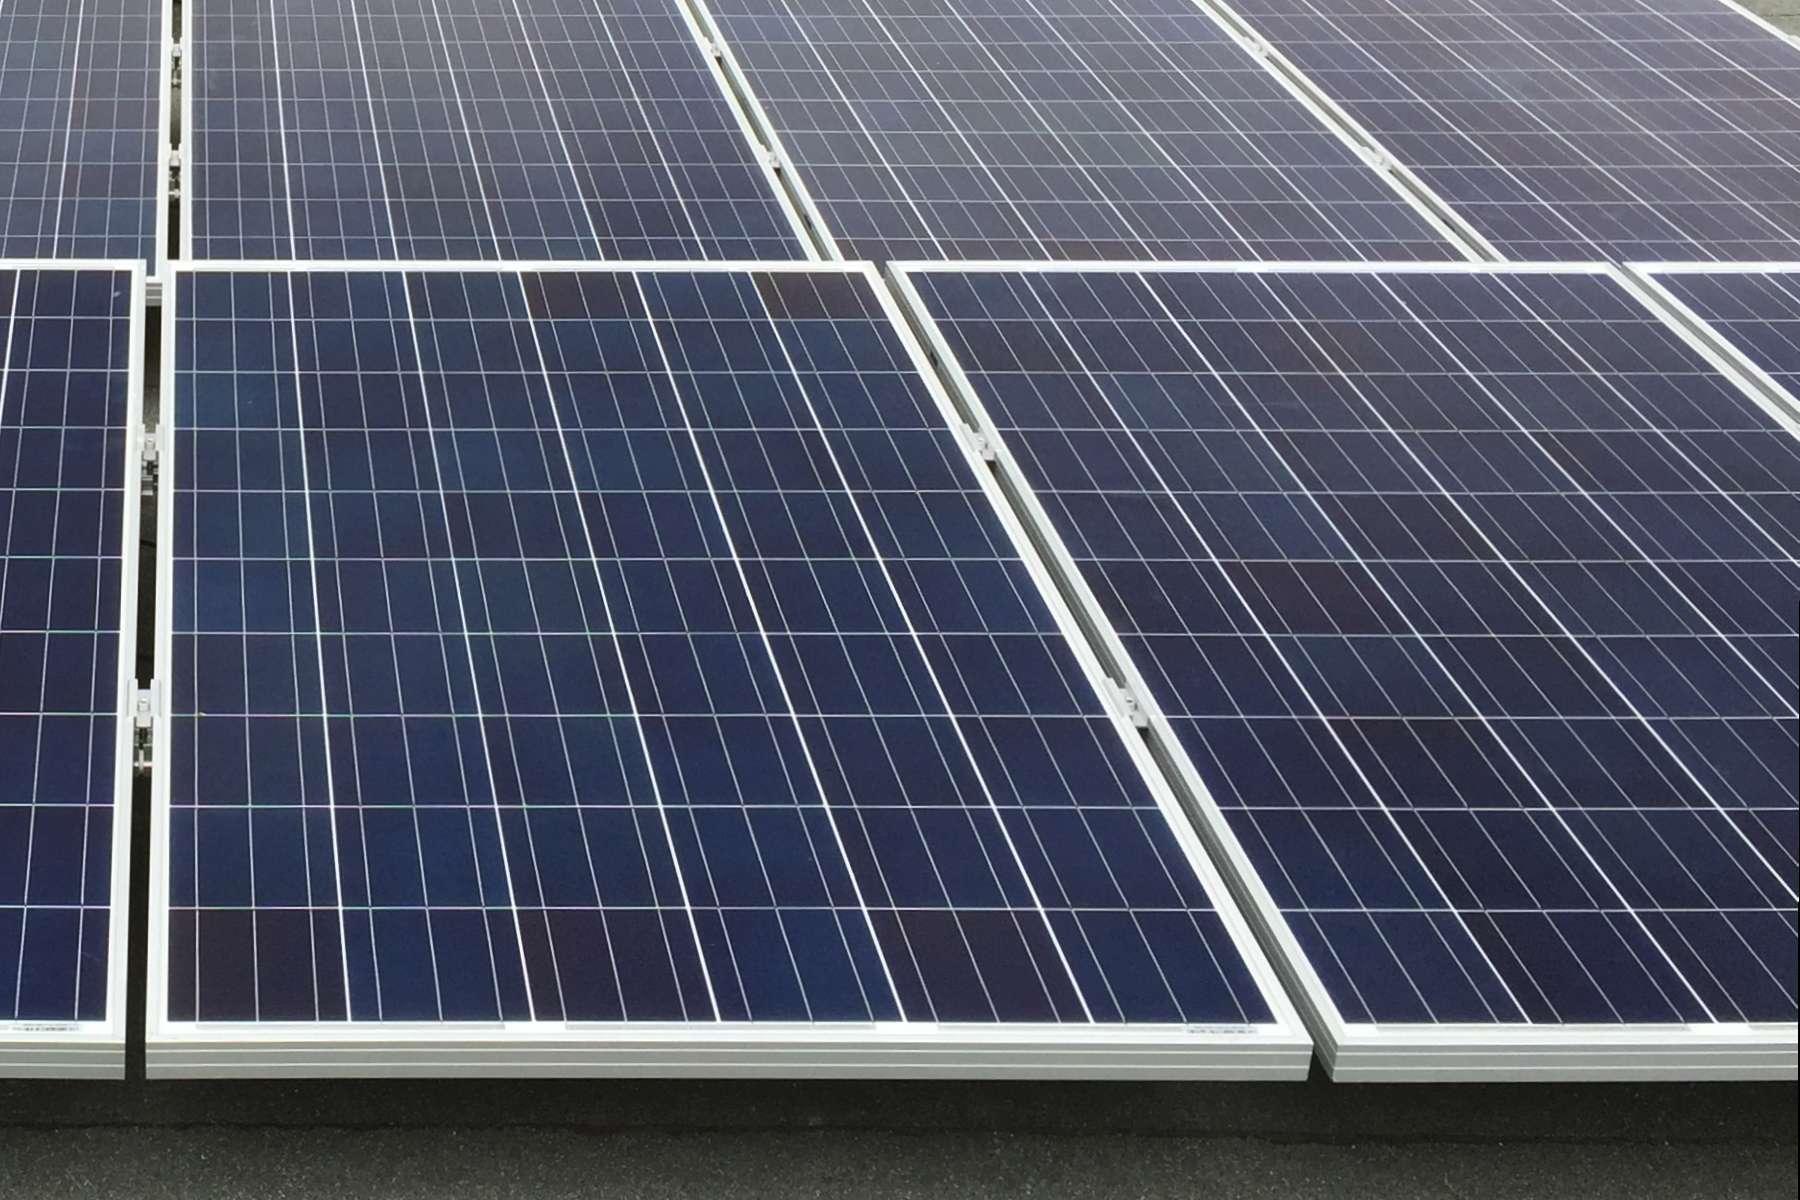 Vendere Energia Elettrica Da Fotovoltaico impianti fotovoltaici | aster